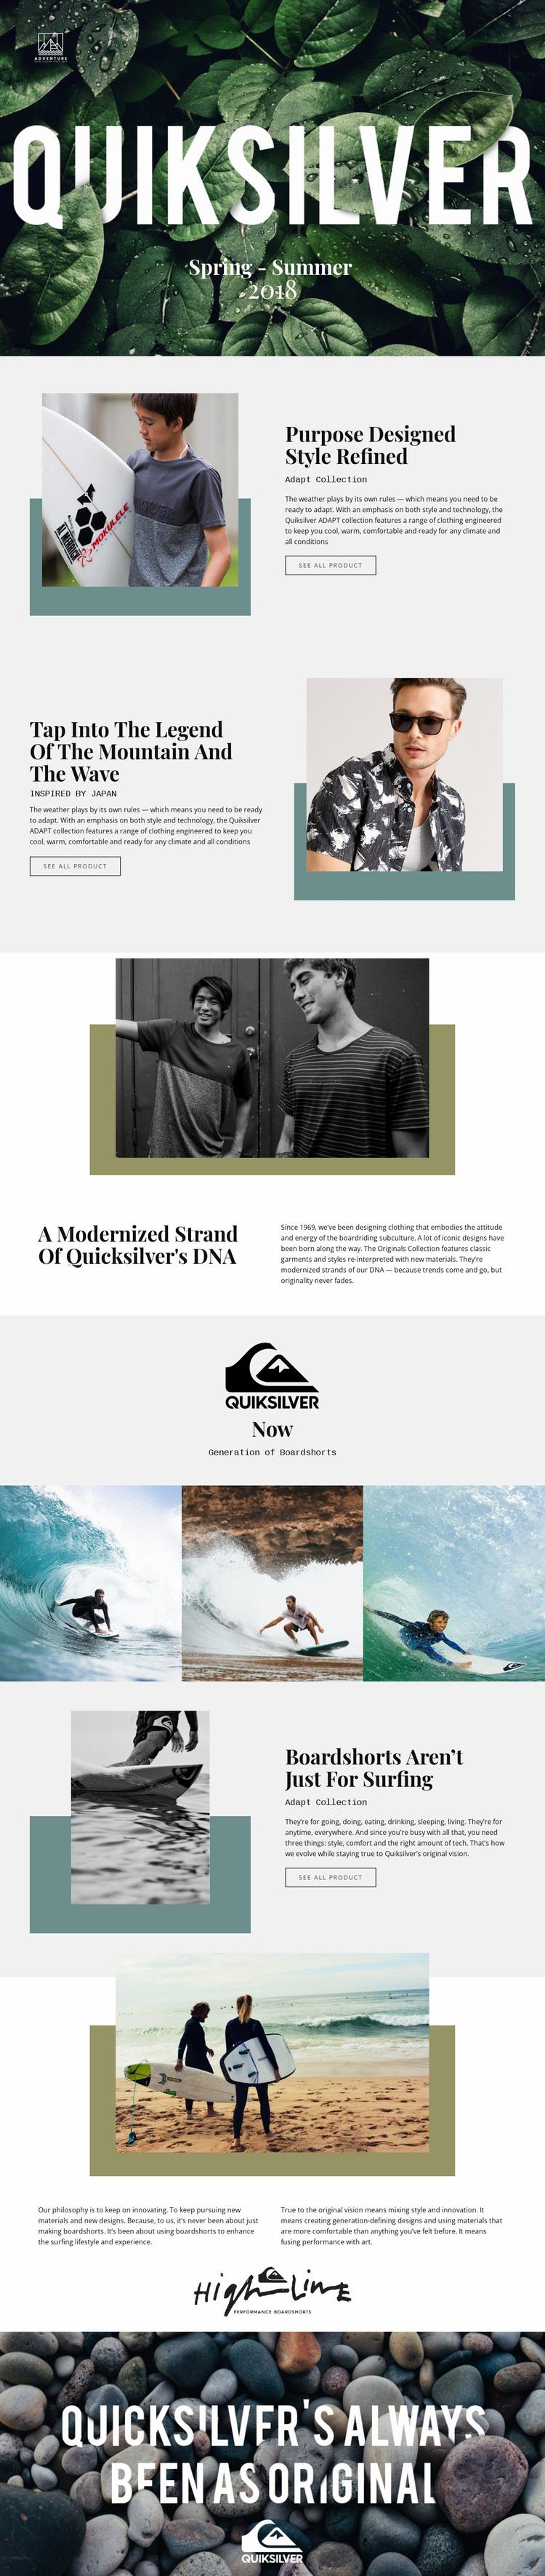 Quiksilver Website Design